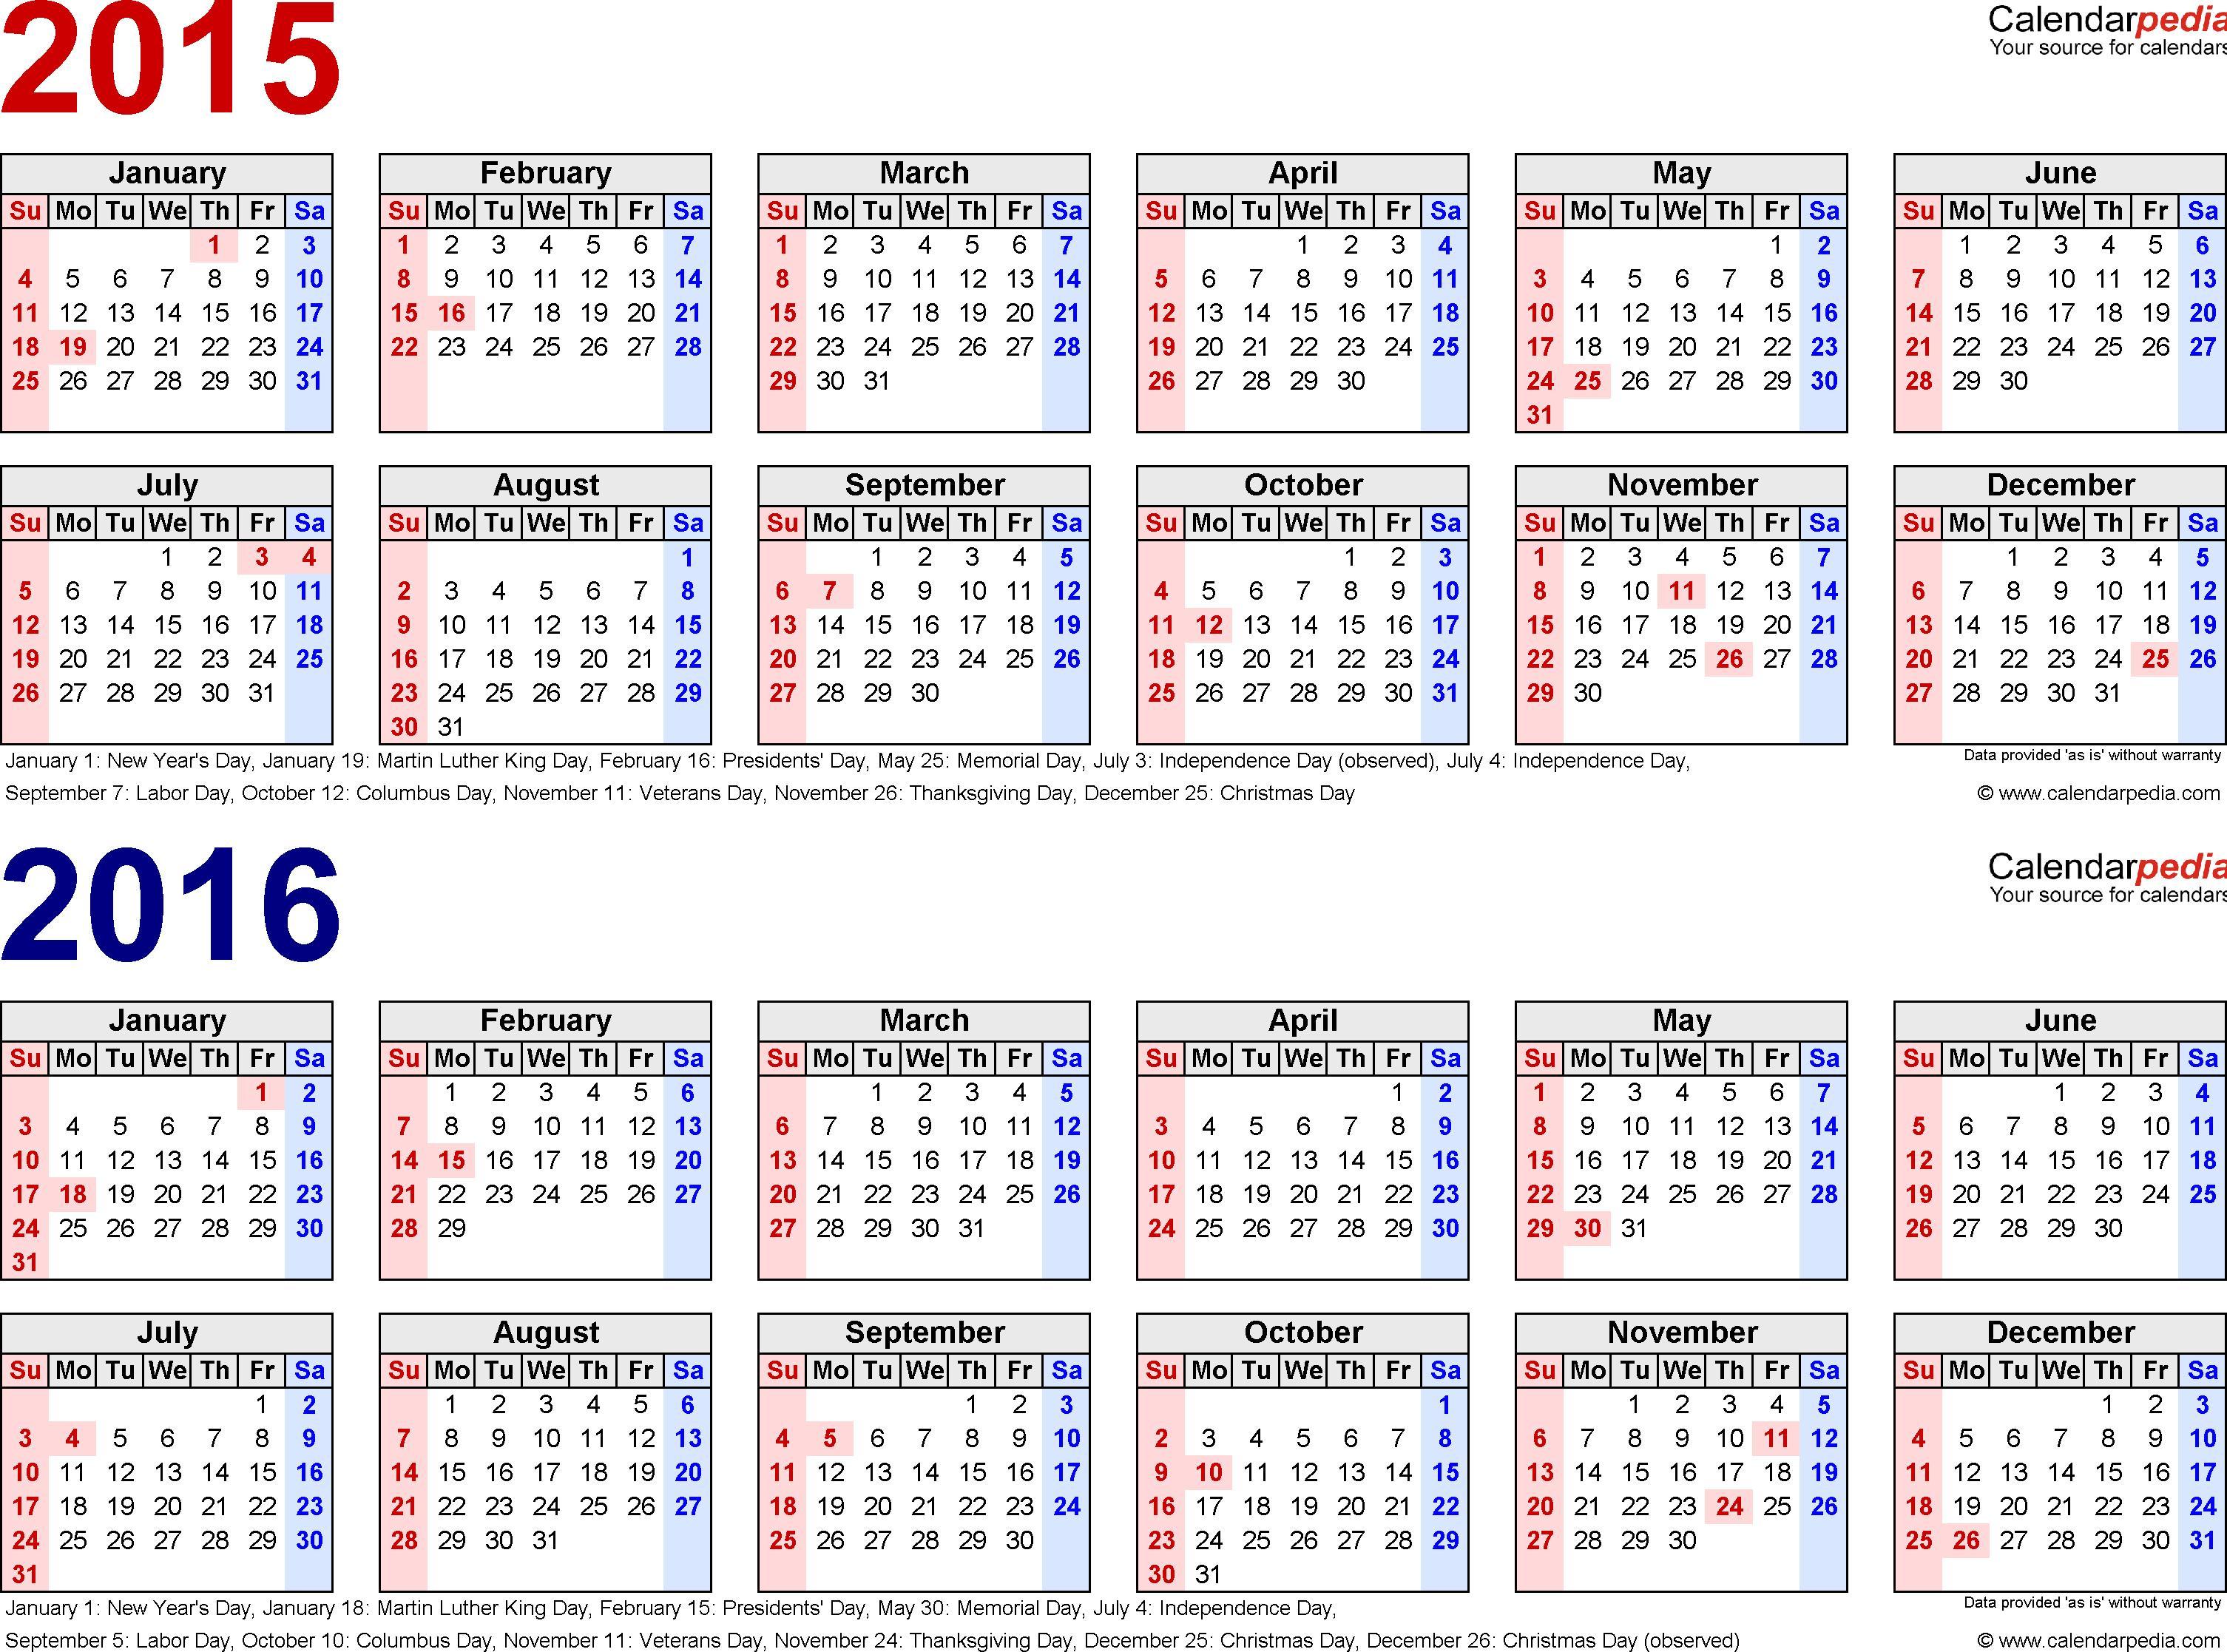 2016 Payroll Calendar Template